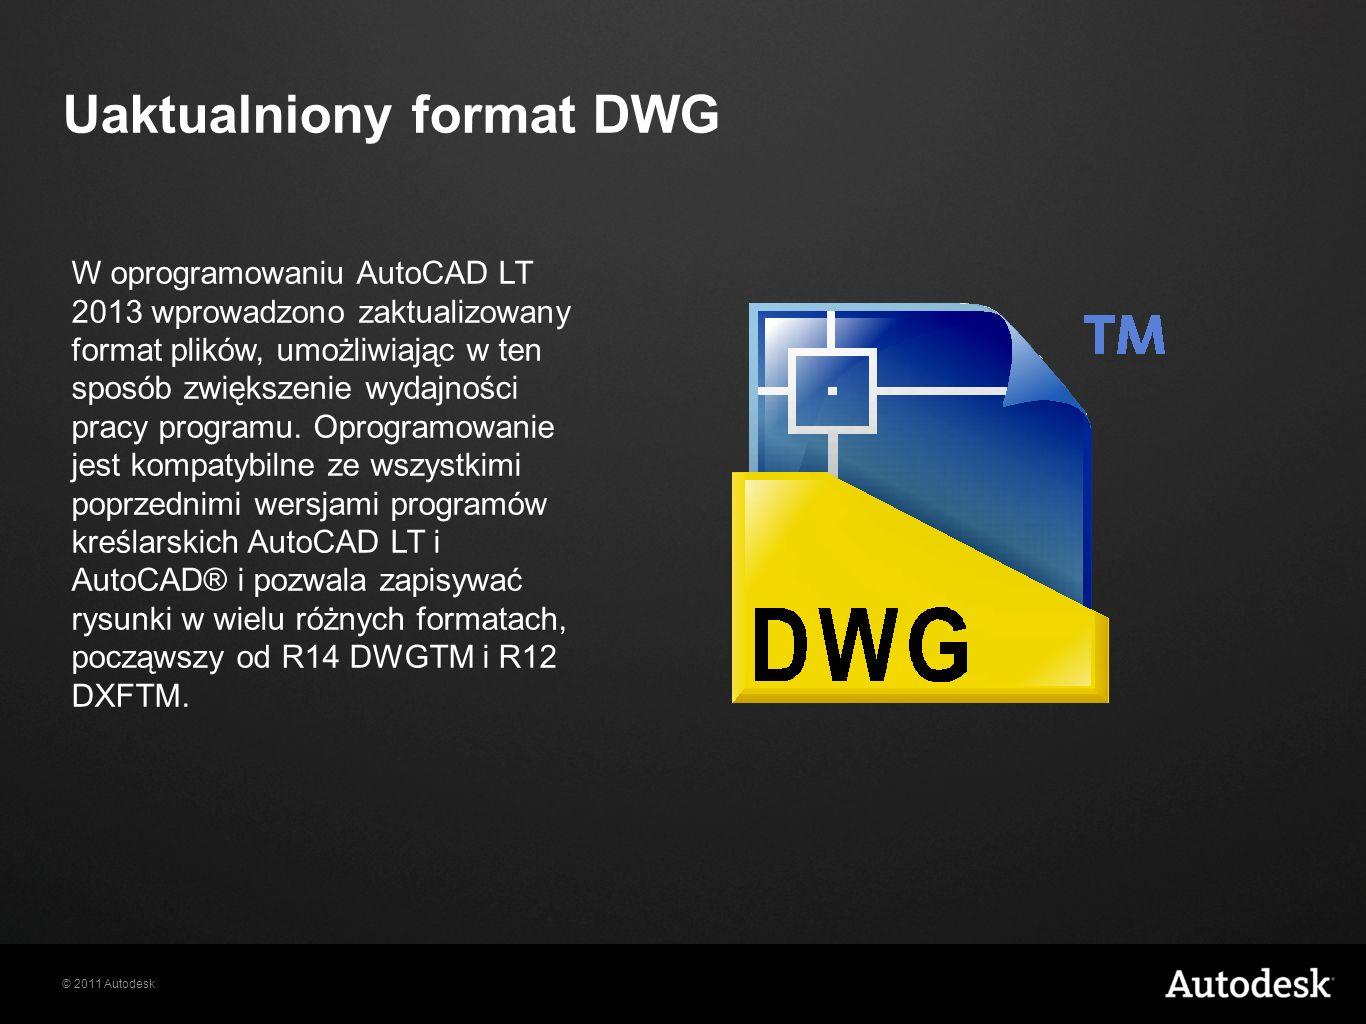 © 2011 Autodesk Uaktualniony format DWG W oprogramowaniu AutoCAD LT 2013 wprowadzono zaktualizowany format plików, umożliwiając w ten sposób zwiększenie wydajności pracy programu.